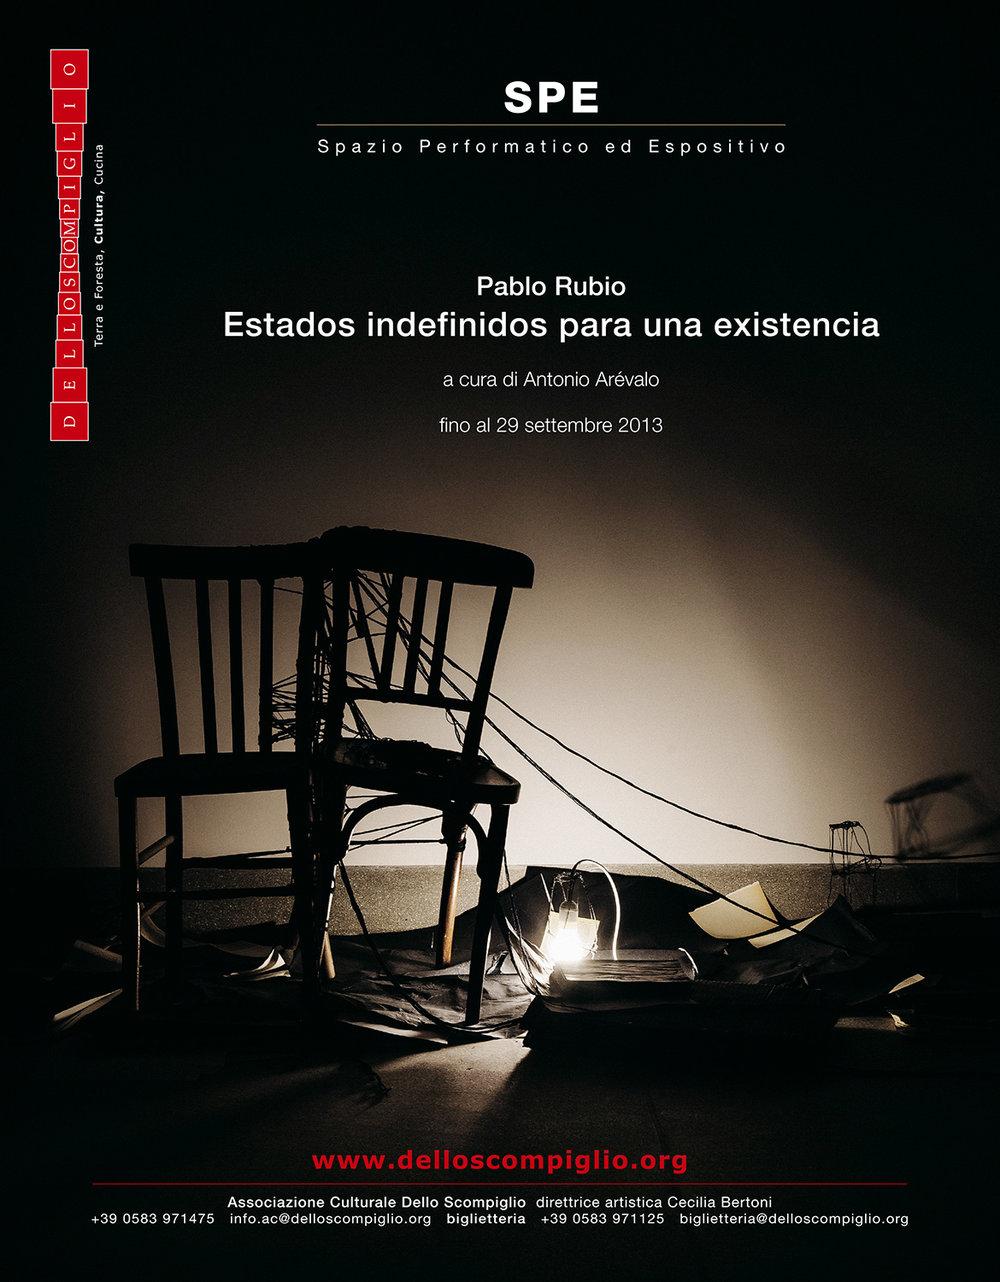 Pablo Rubio   Estados indefinidos para una existencia    Poster   Associazione Culturale Dello Scompiglio, 2014